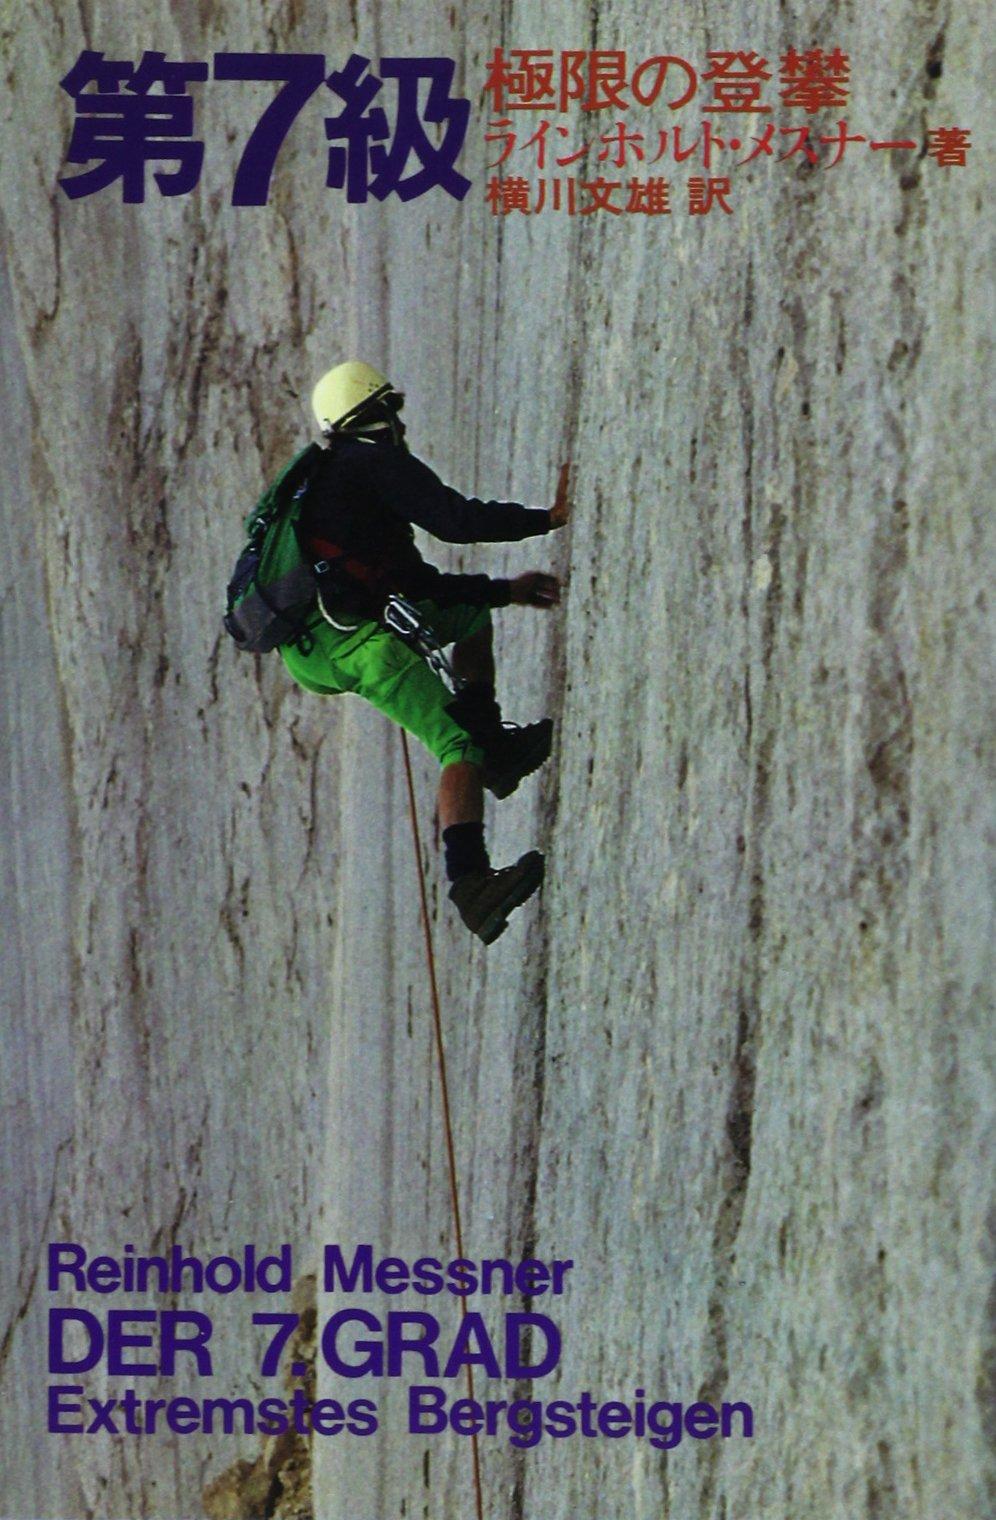 第7級極限の登攀 | ラインホルト・メスナー, 横川 文雄 |本 | 通販 ...